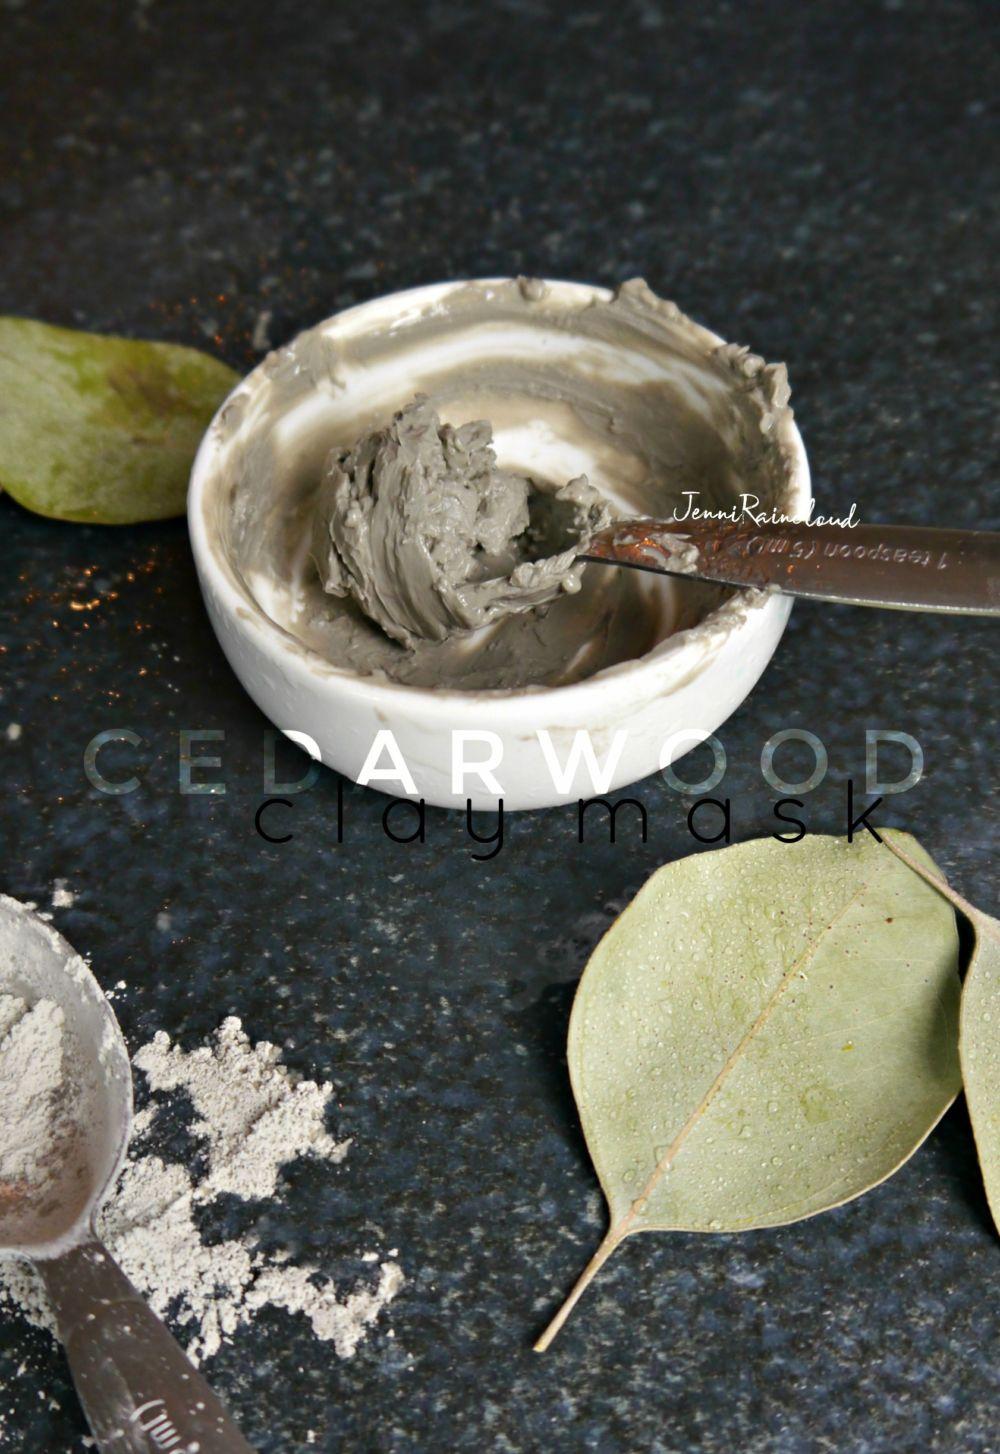 DIY Cedarwood Clay Mask for Men